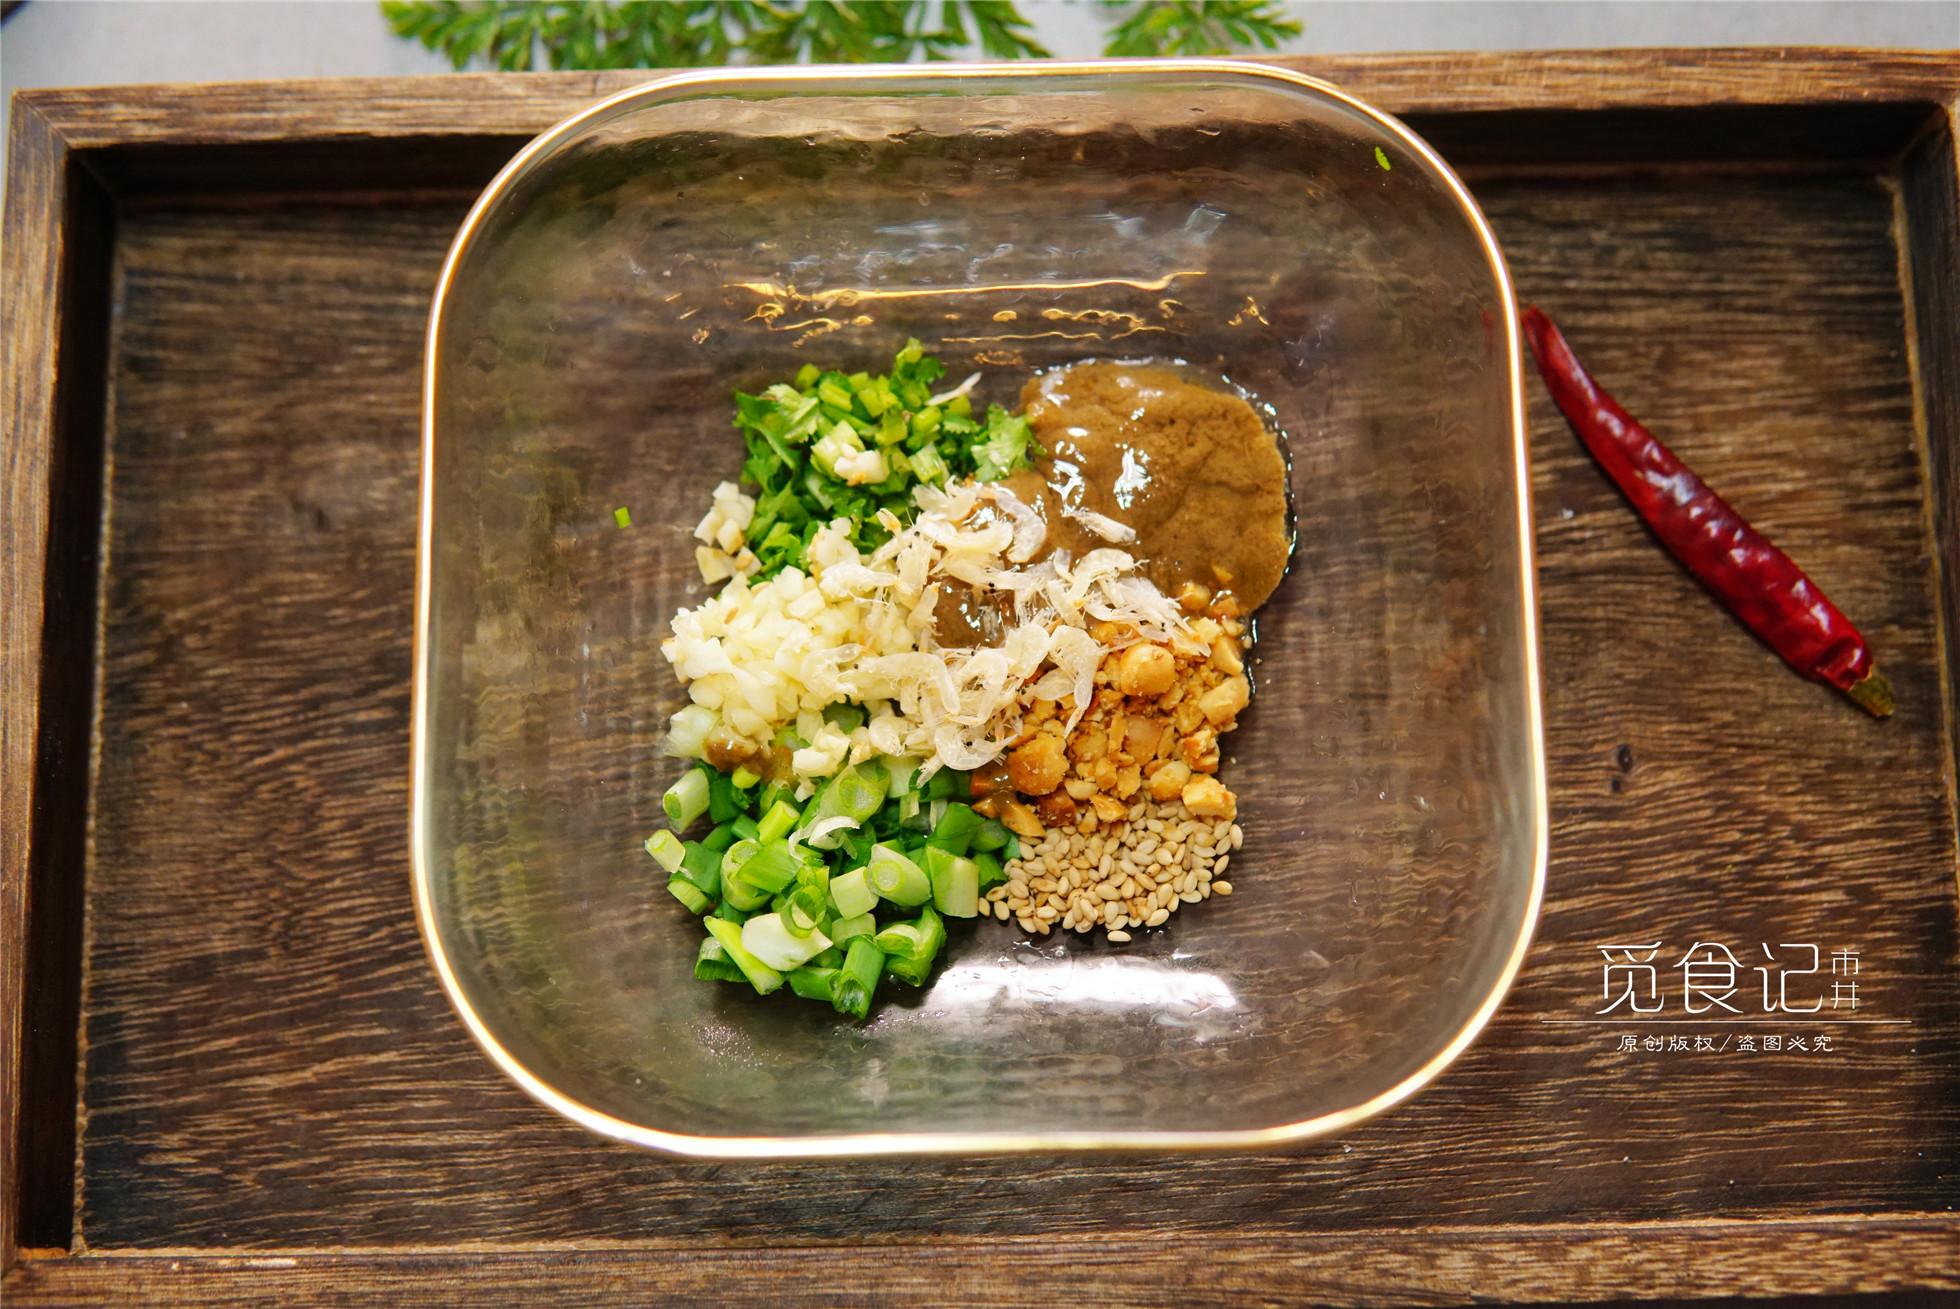 3款超好吃的万能蘸料,吃饺子的绝配,蘸啥都香! 万能蘸料 第6张